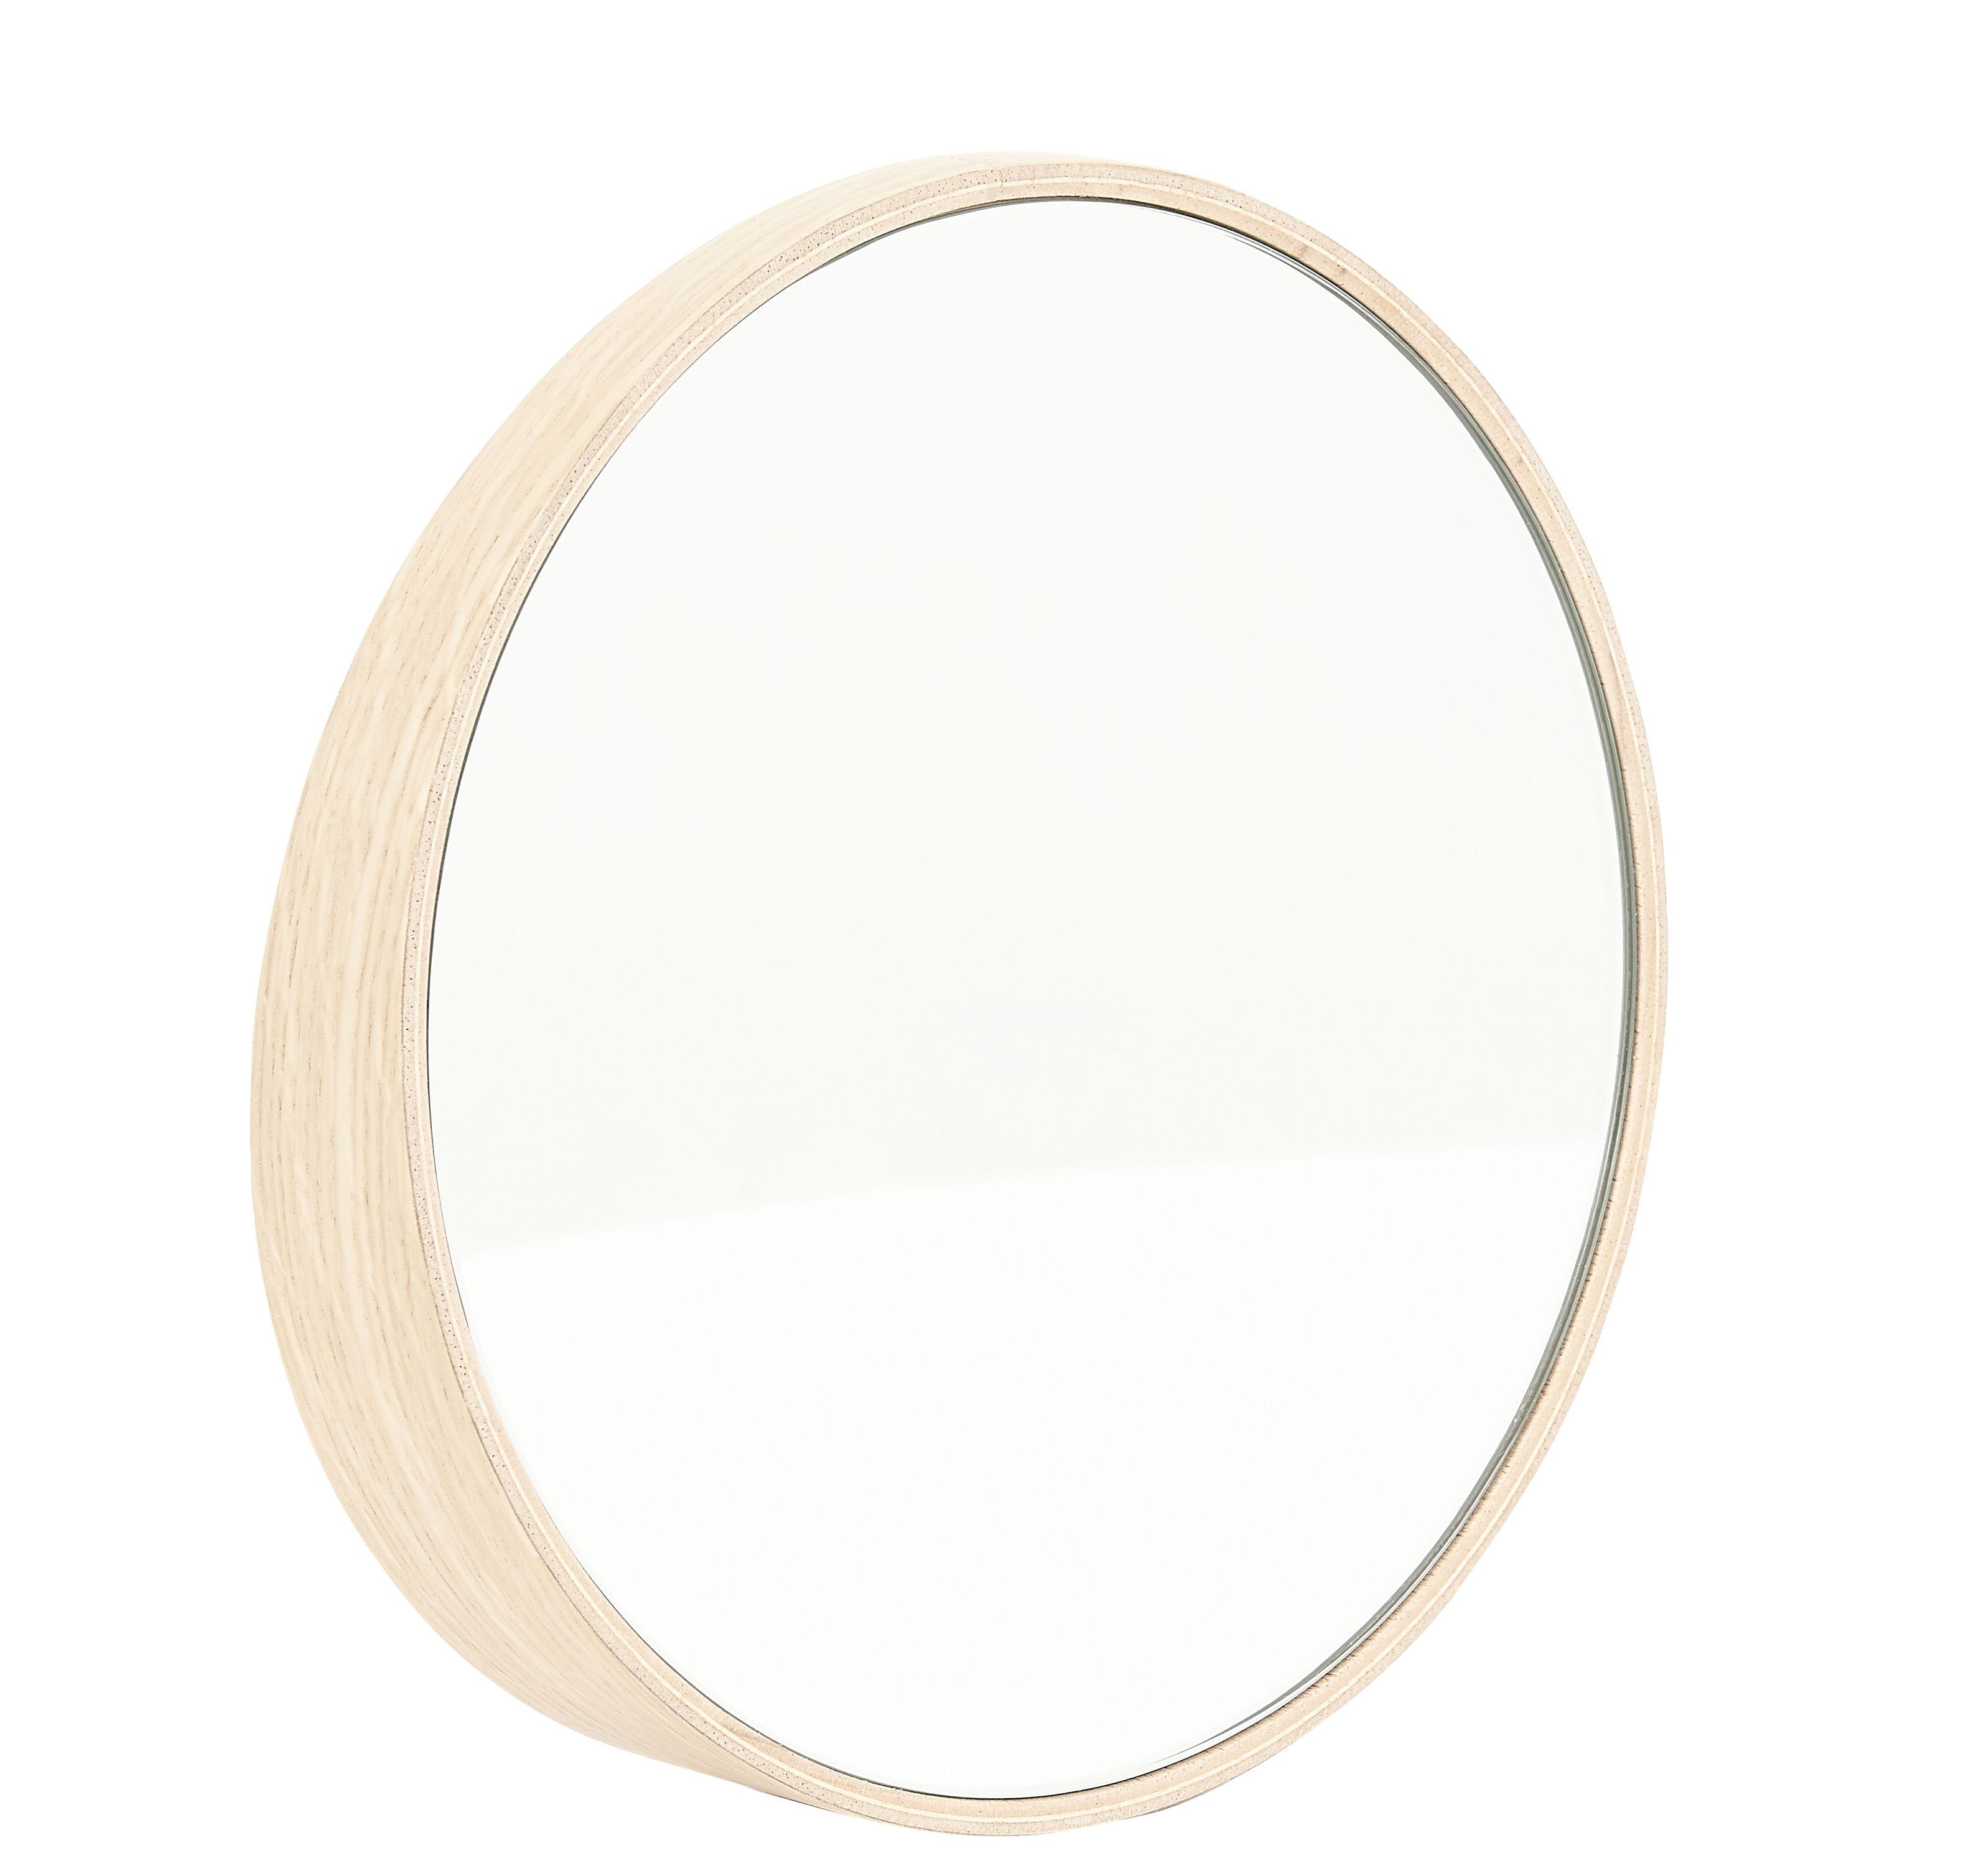 Déco - Miroirs - Miroir Odilon XL / Ø 80 cm - à poser ou suspendre - Hartô - Chêne - MDF plaqué chêne, Verre